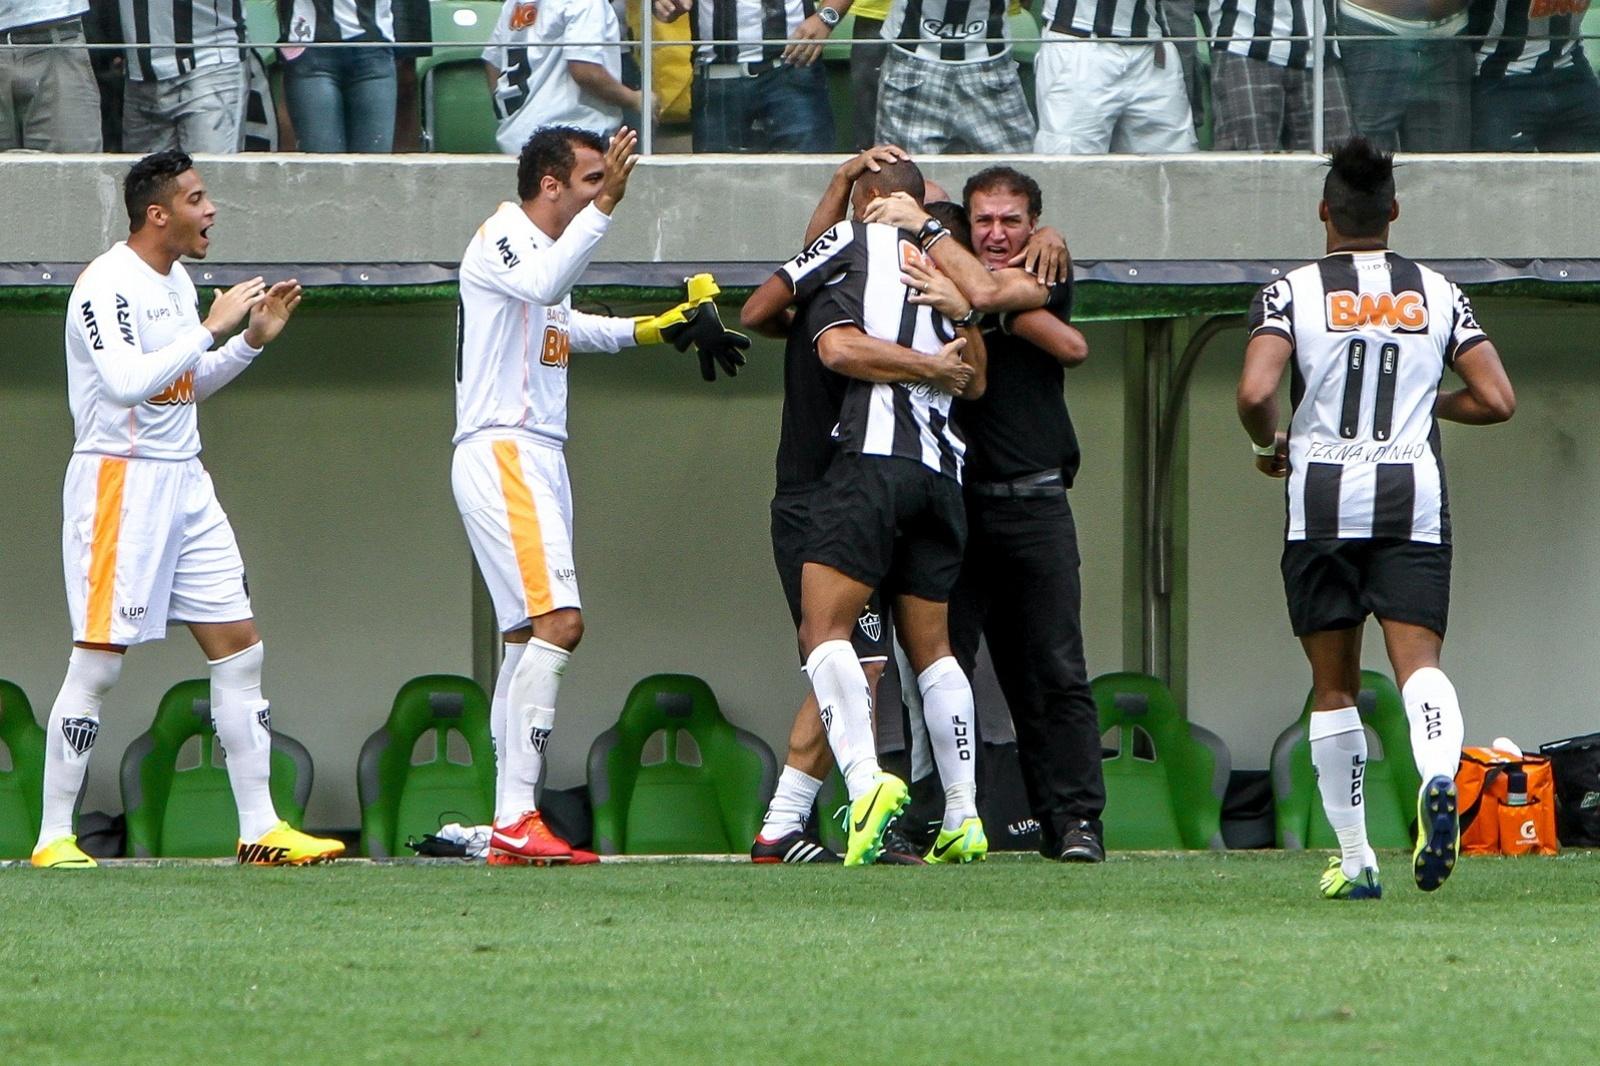 21 outubro 2013 - Cuca abraça Lucas Cândido na comemoração do gol marcado pelo jovem atleta contra o Flamengo